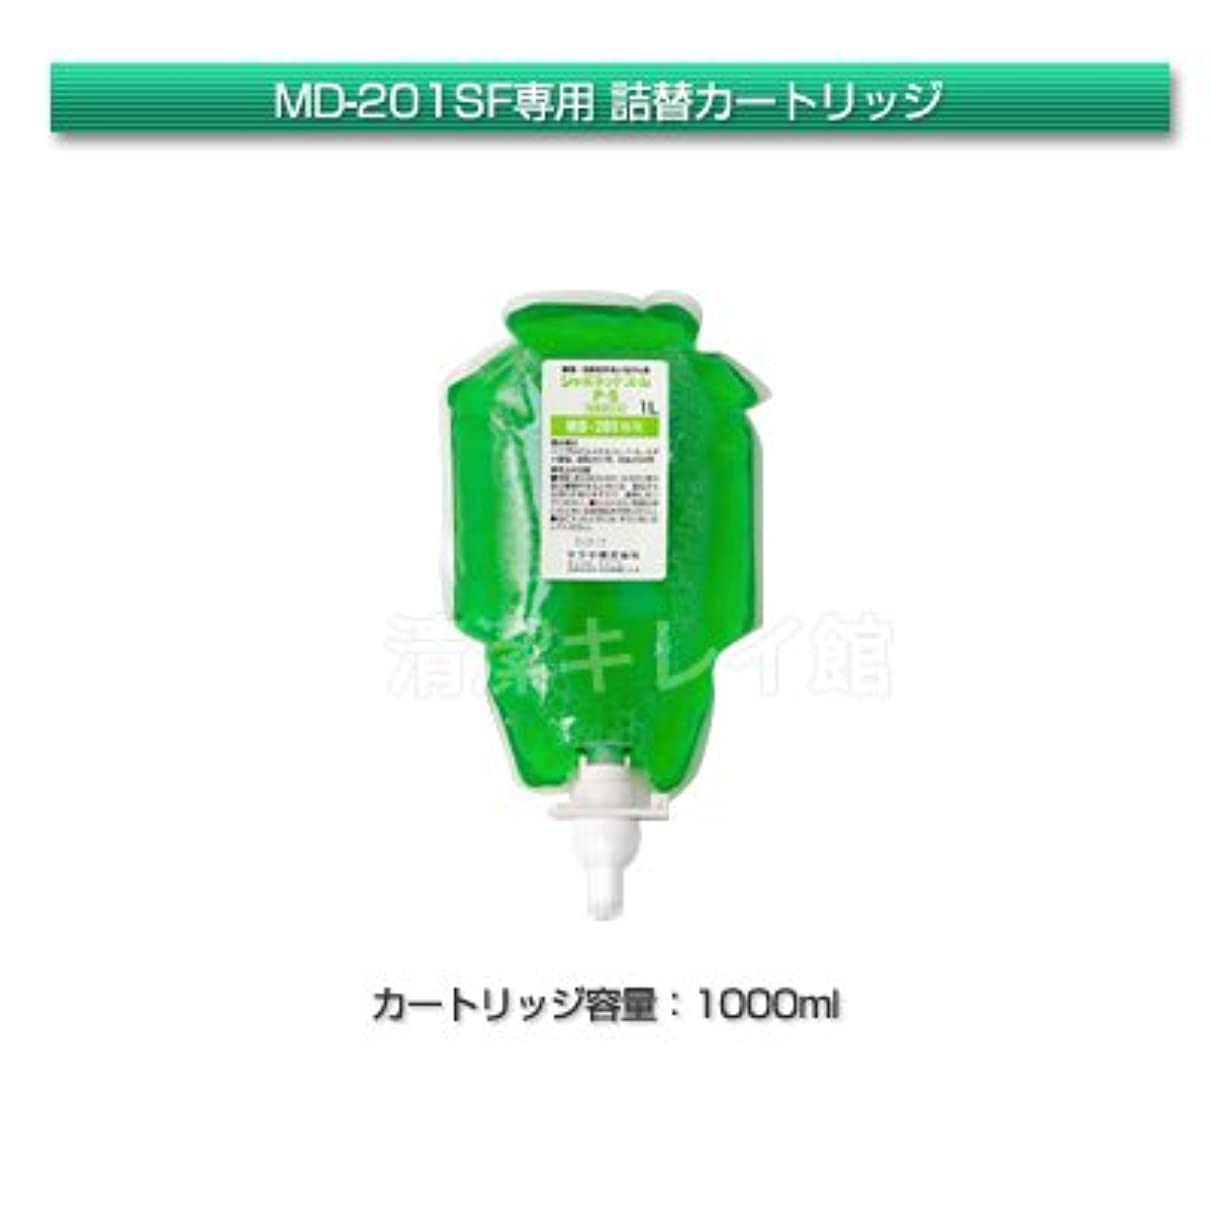 脳守るメトロポリタンサラヤ プッシュ式石鹸液 MD-201SF(泡)専用カートリッジ(ユムP-5)1000ml【清潔キレイ館】